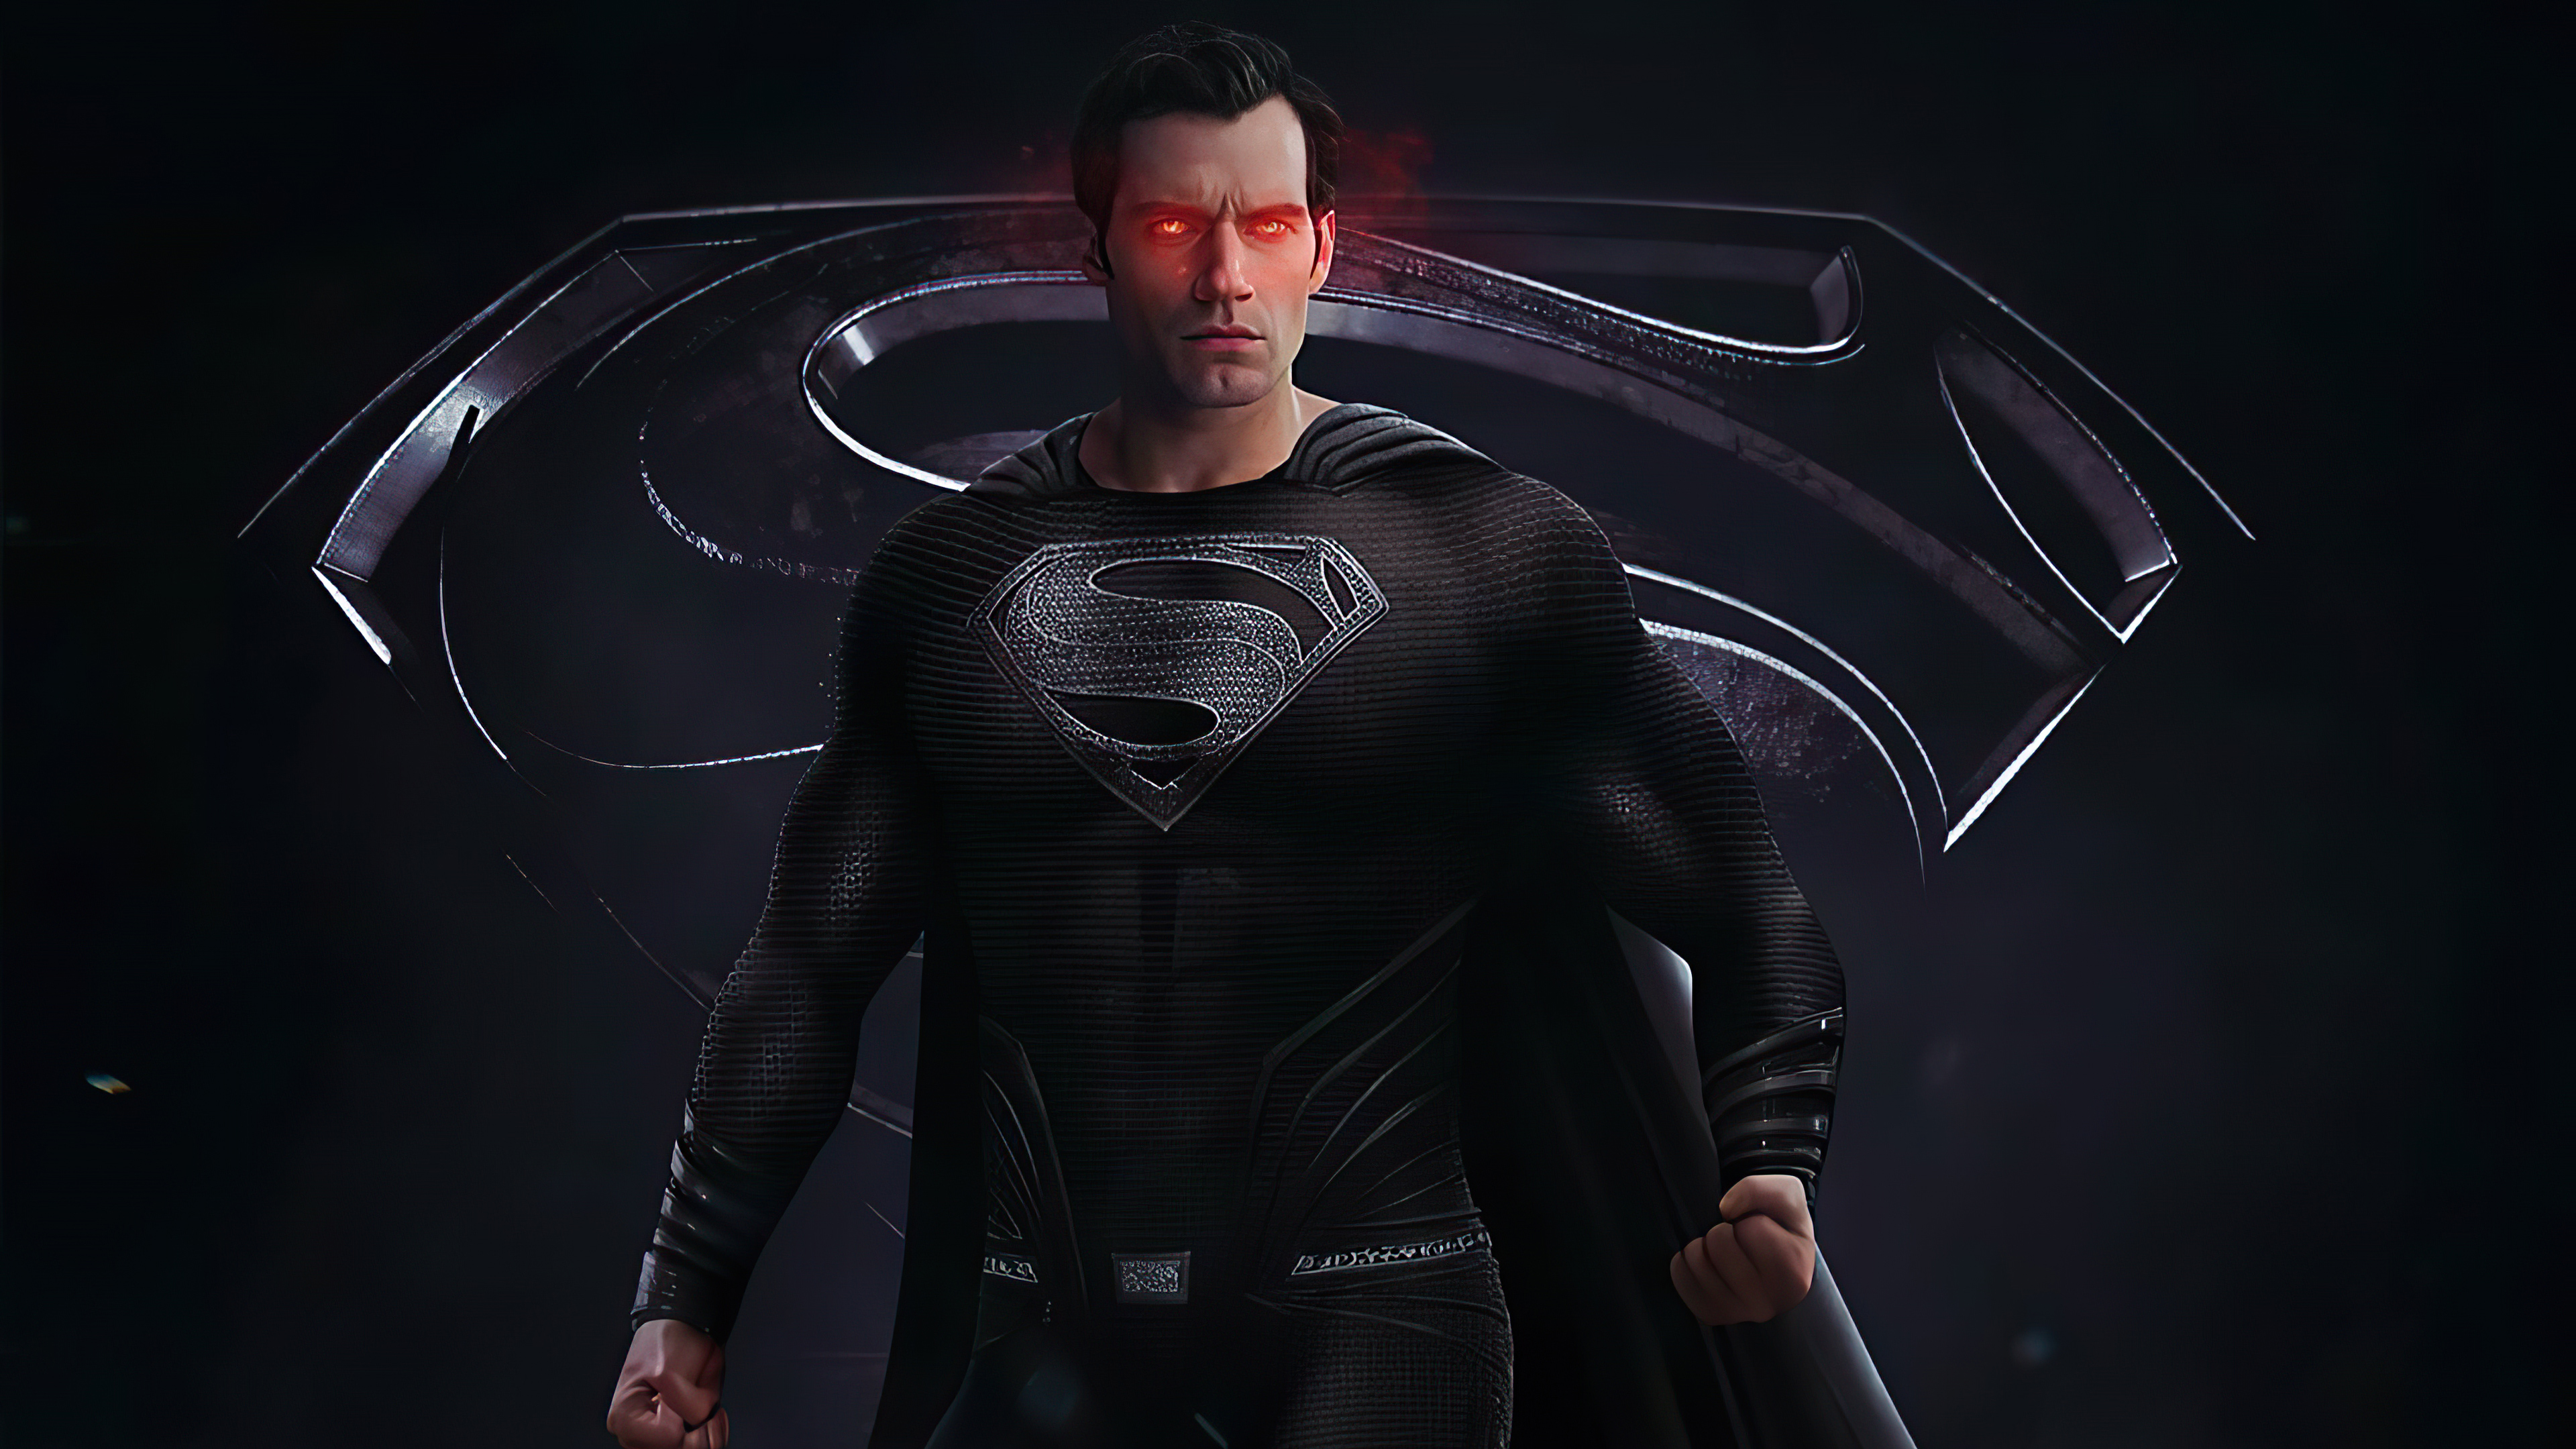 Fondos de pantalla Superman con traje negro